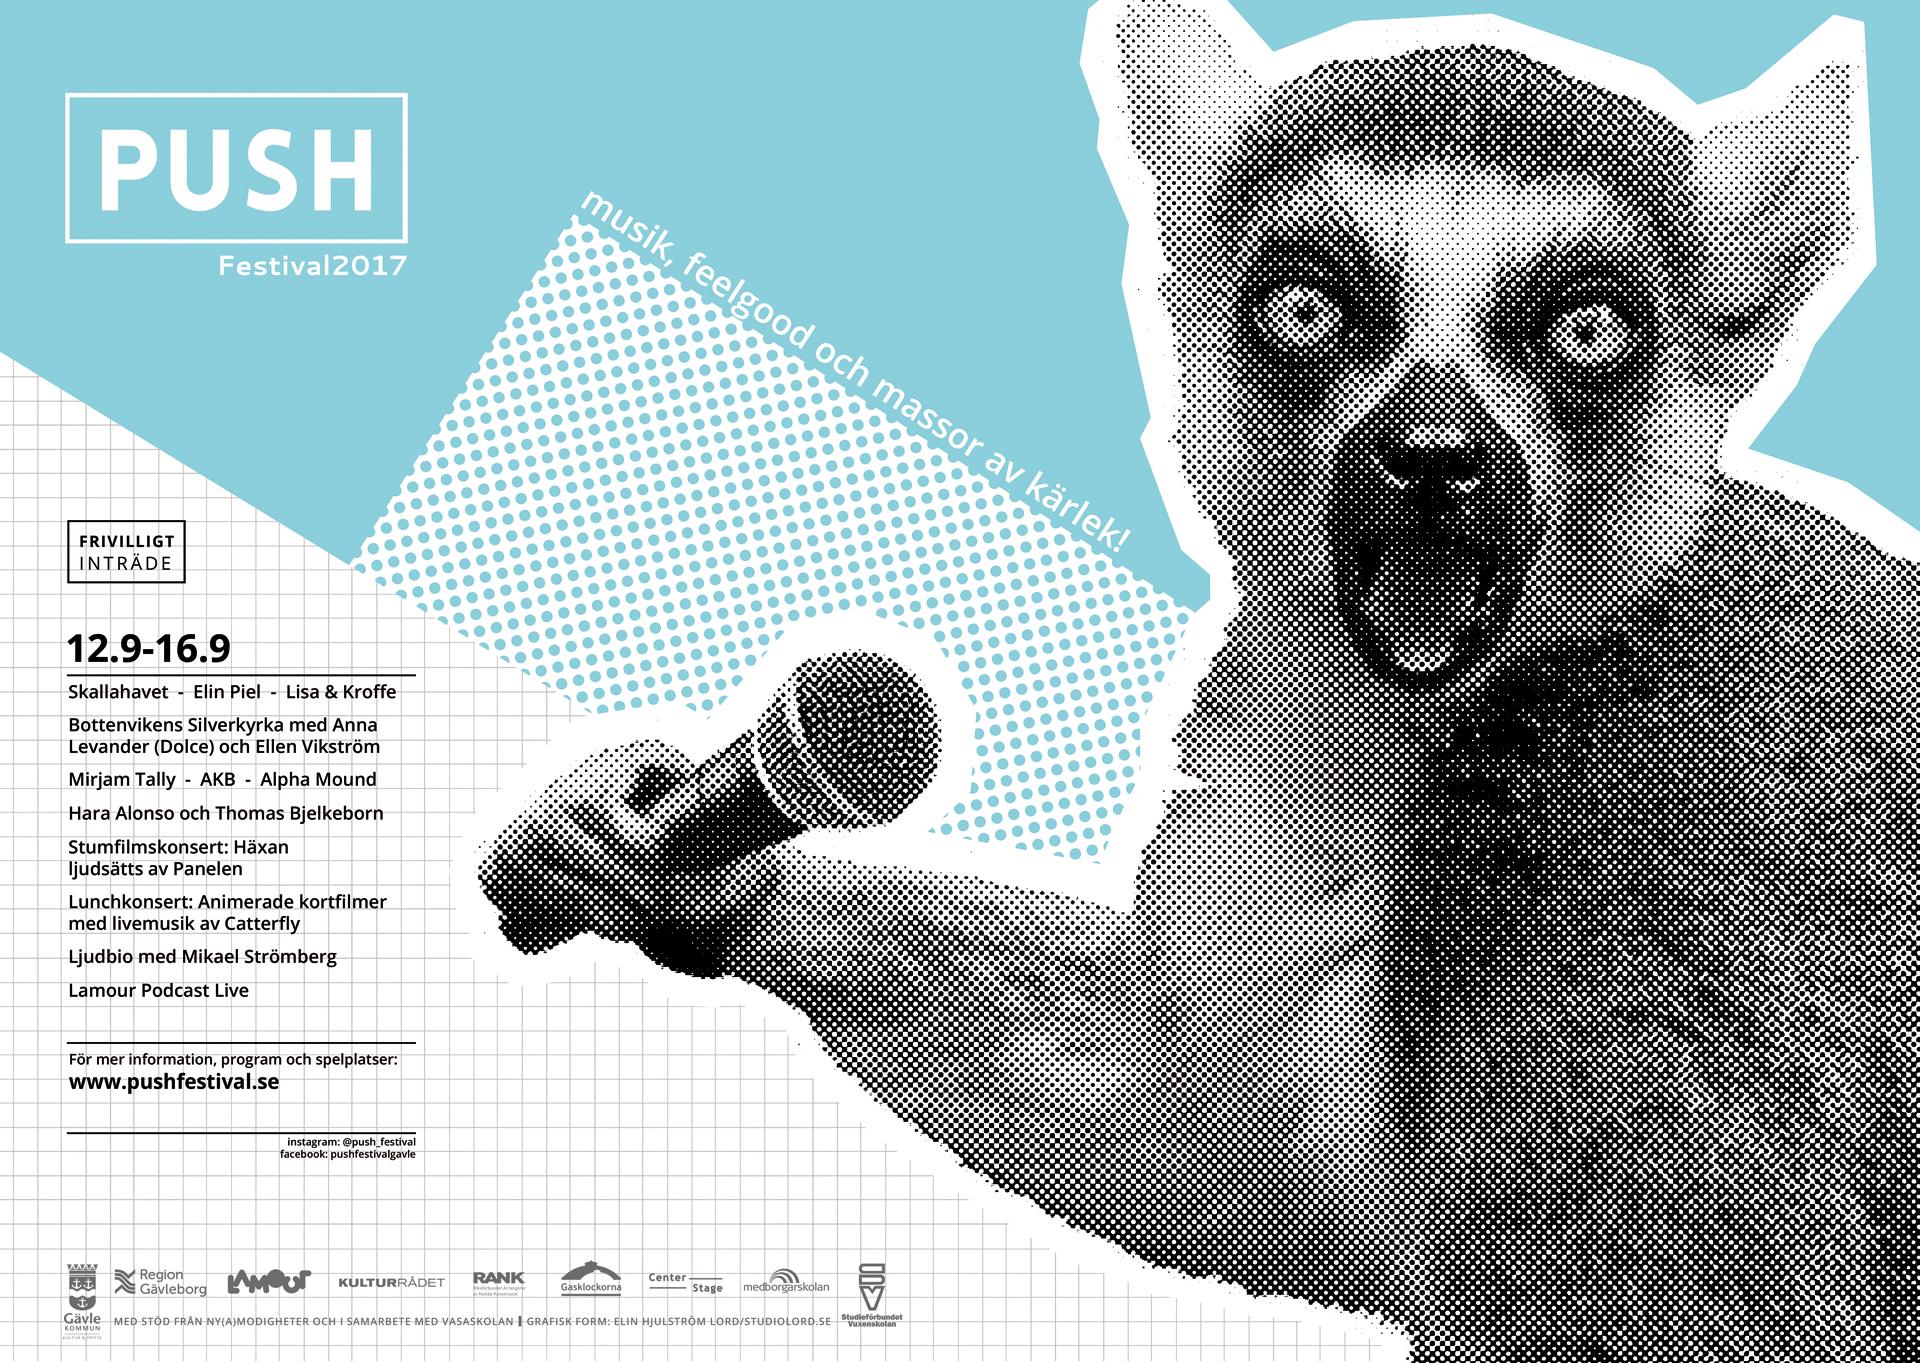 Affisch för Push 2017